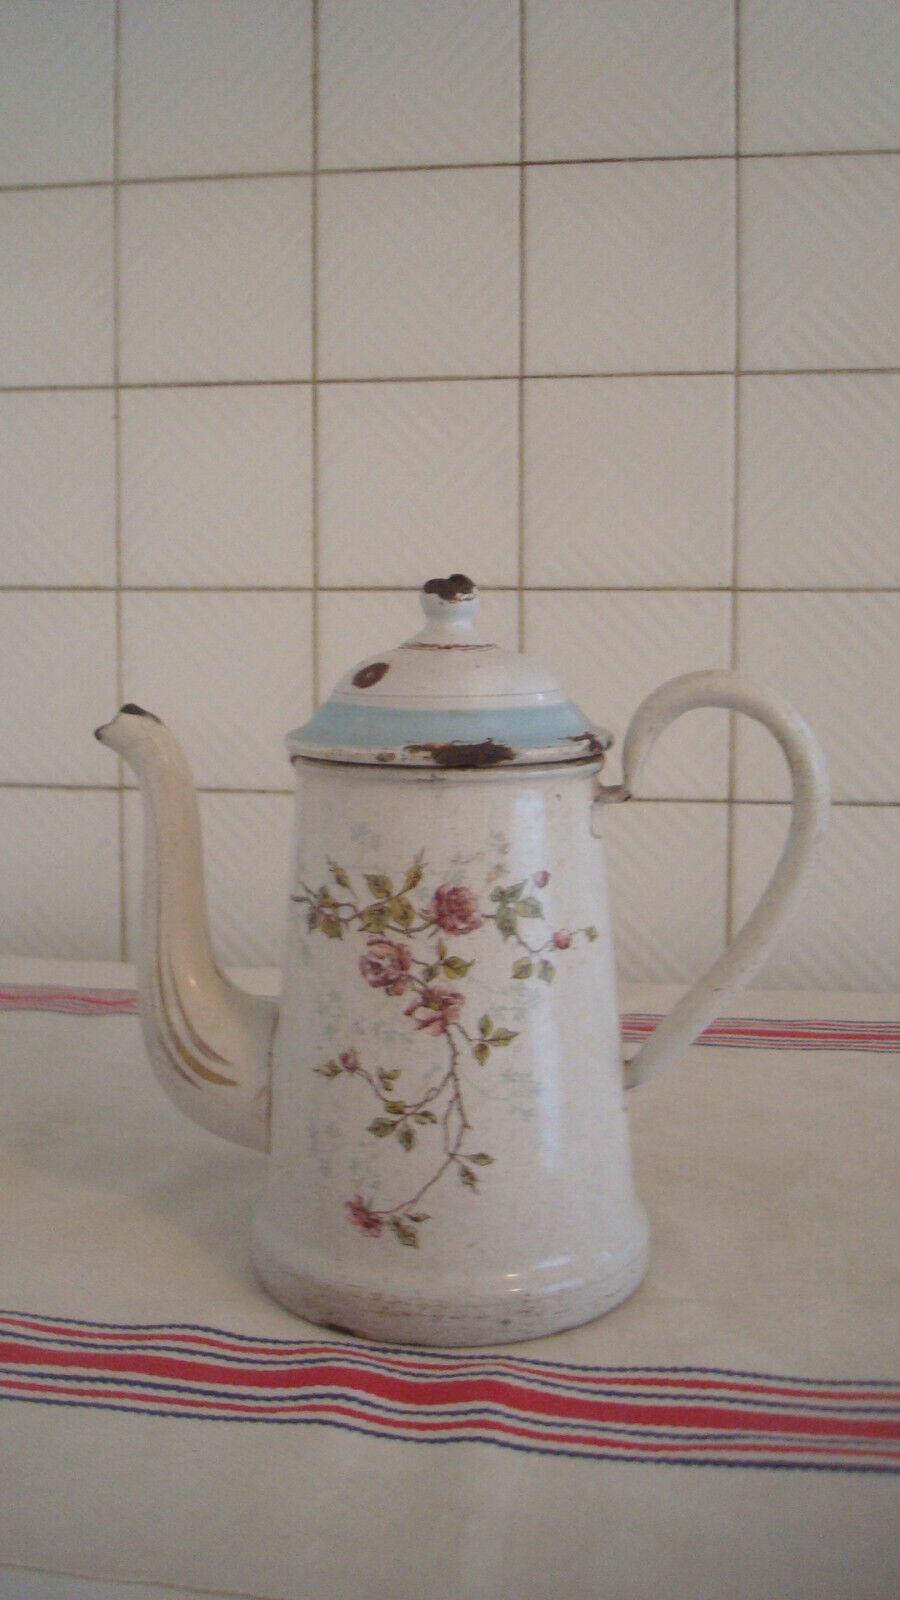 Petite cafetière émaillée très ancienne  bb 86jv21